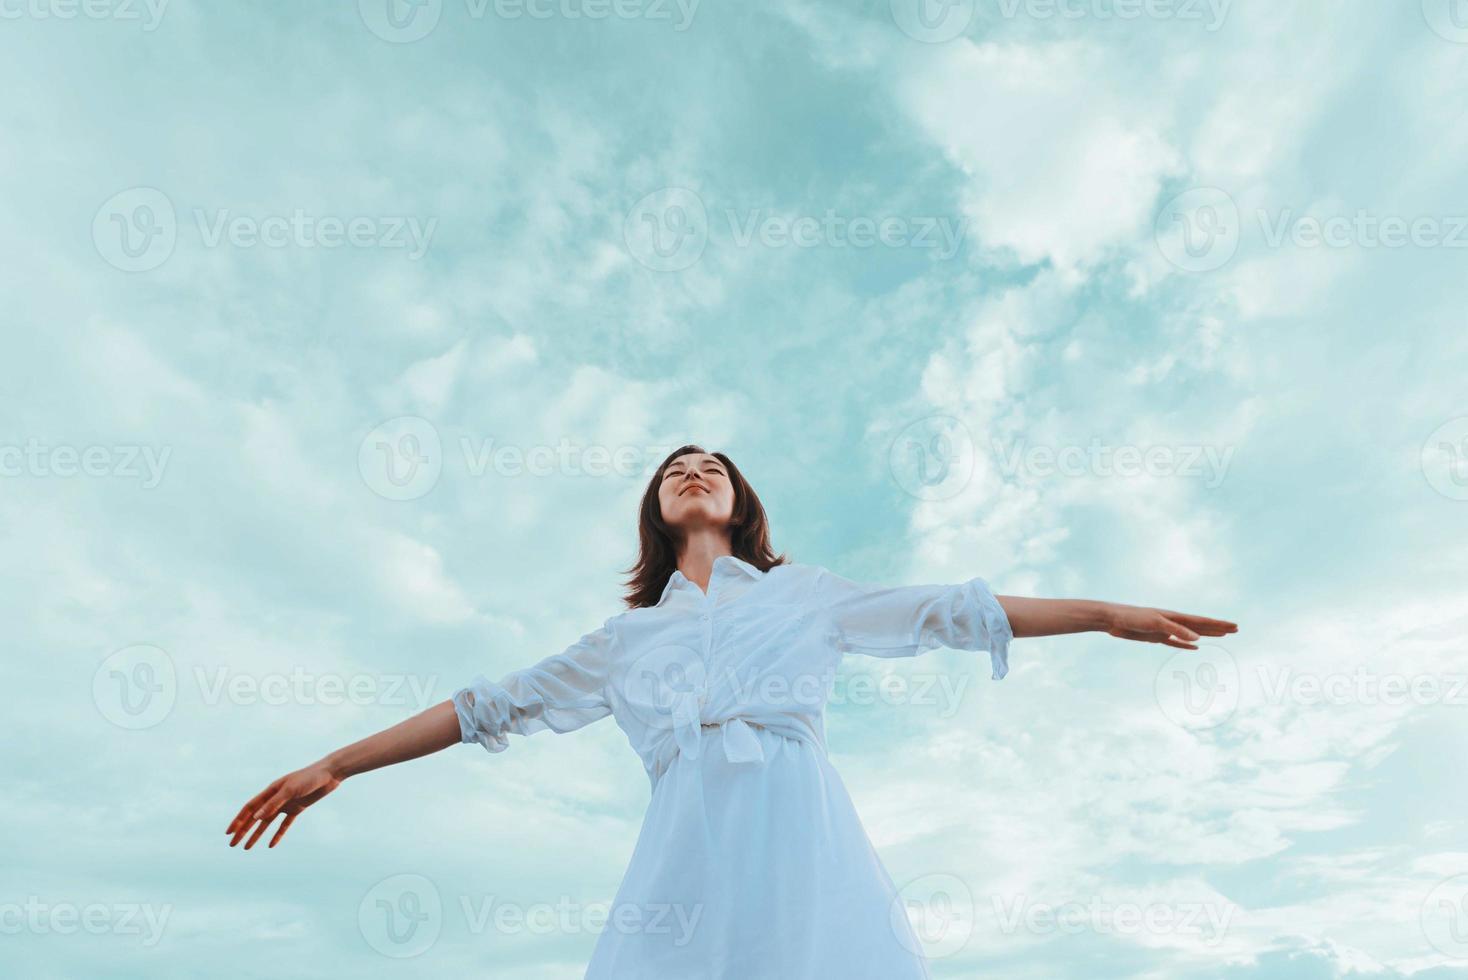 giovane donna con le braccia alzate, godendo di una bella giornata foto